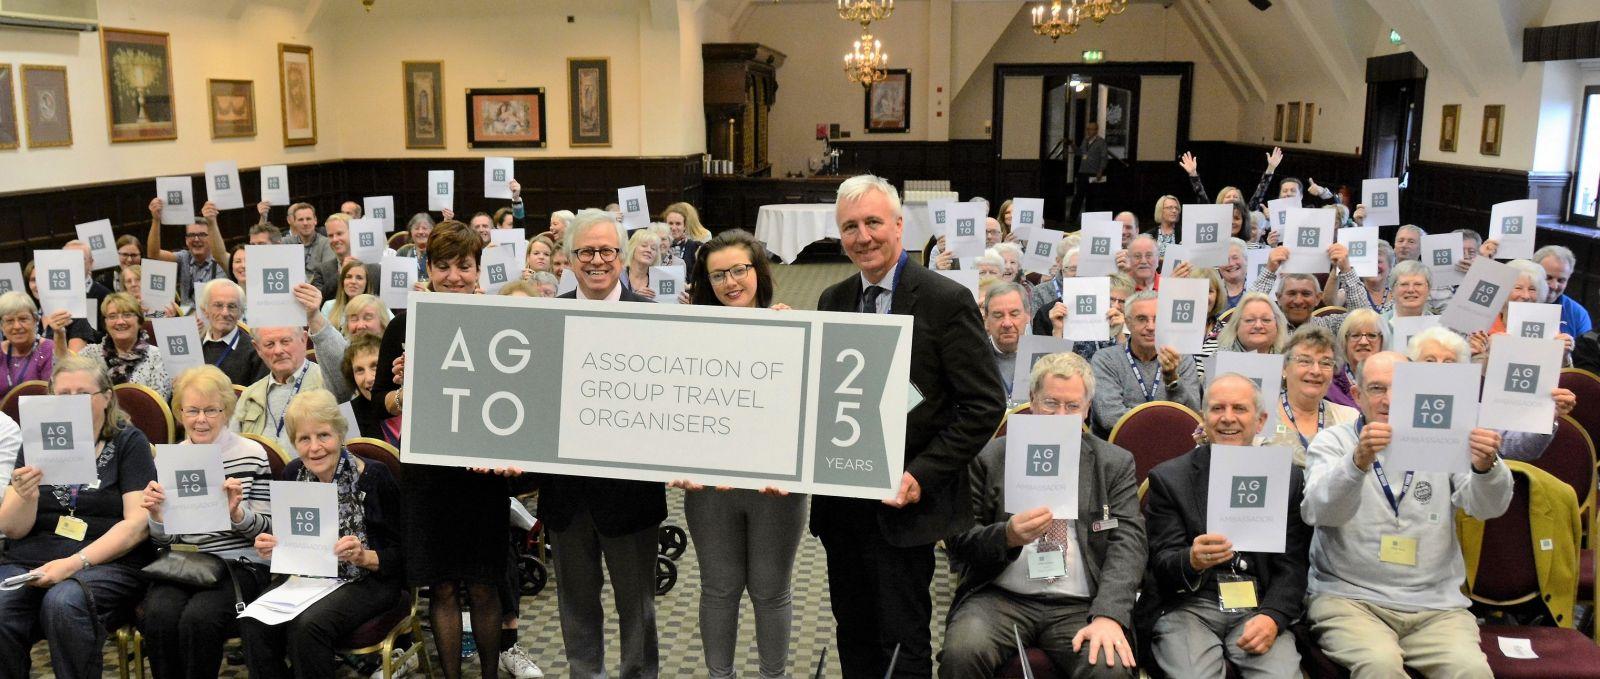 The 25th Annual AGTO Showcase Weekend